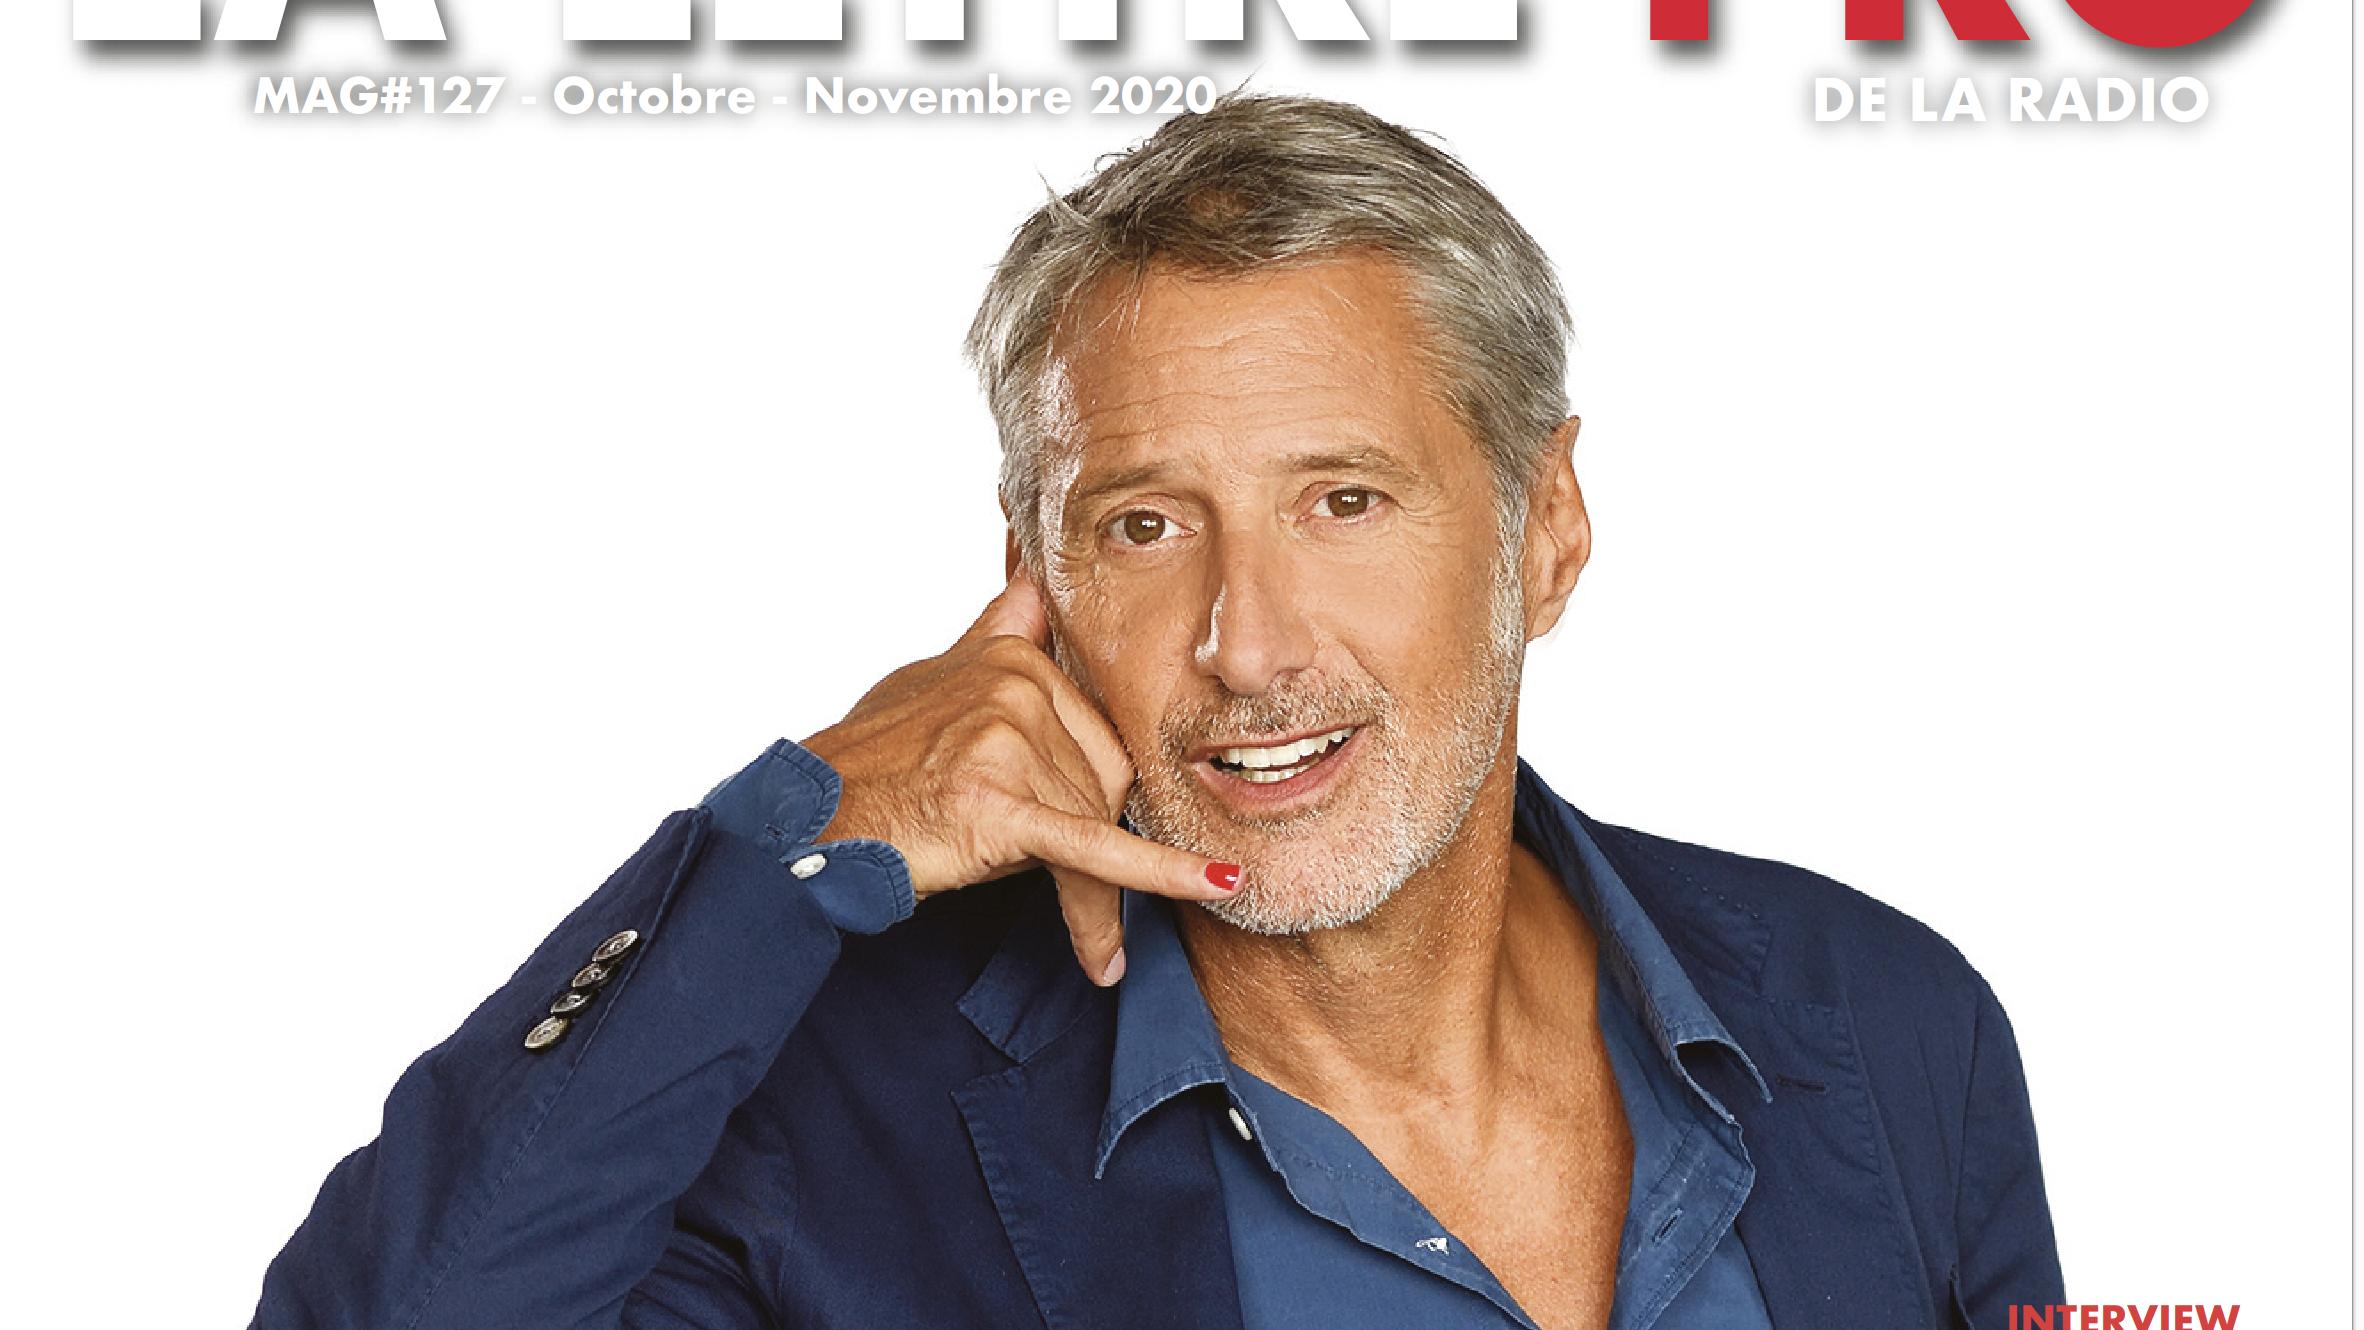 Voici votre magazine en Flipbook n°127 de la Lettre Pro de la Radio